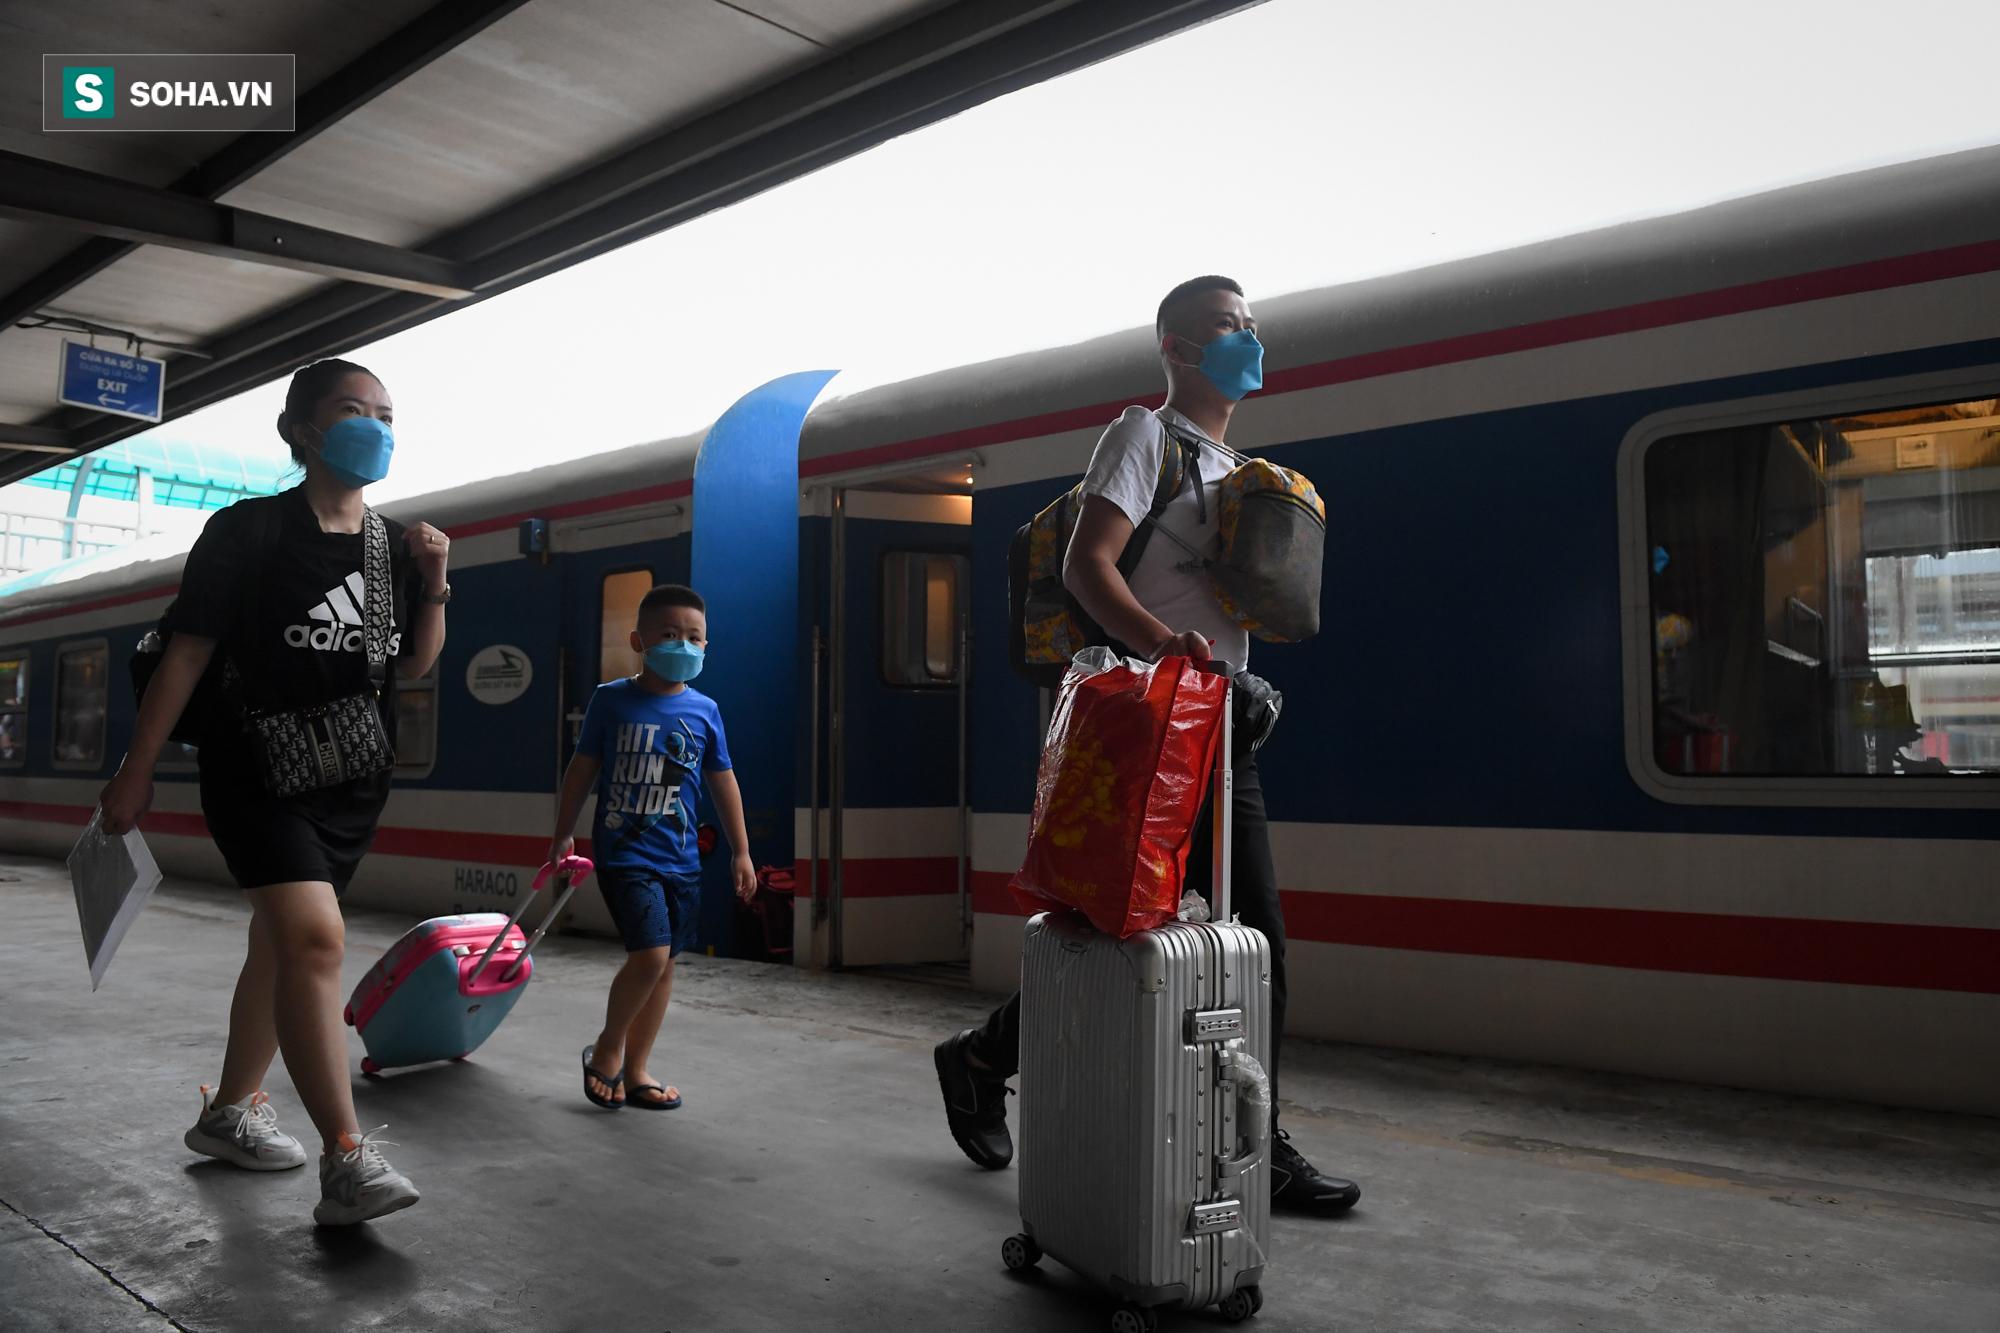 Người dân mừng rỡ khi đường sắt hoạt động trở lại: Mẹ ốm, con đẻ cả tháng mới được về thăm - Ảnh 1.